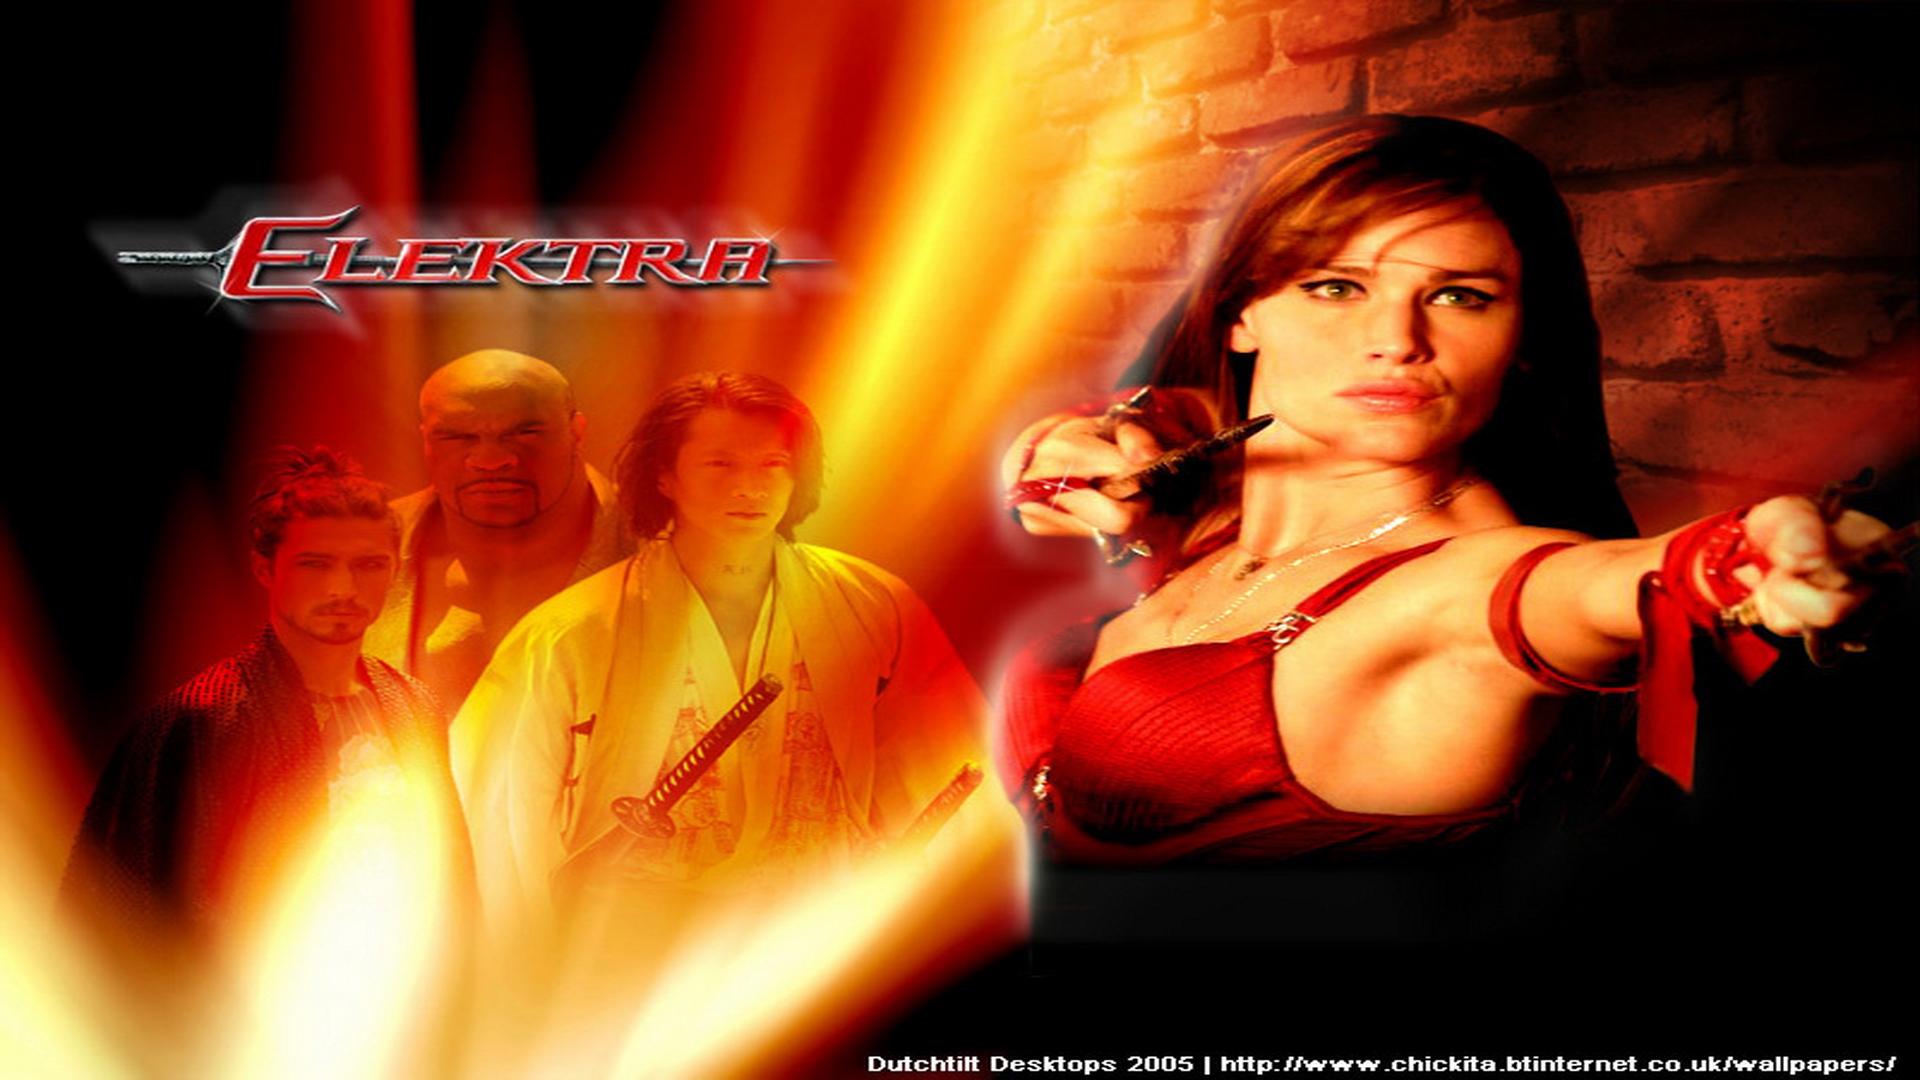 Marvel Comics Wallpapers HD Desktop Wallpapers Elektra marvel comics 1920x1080